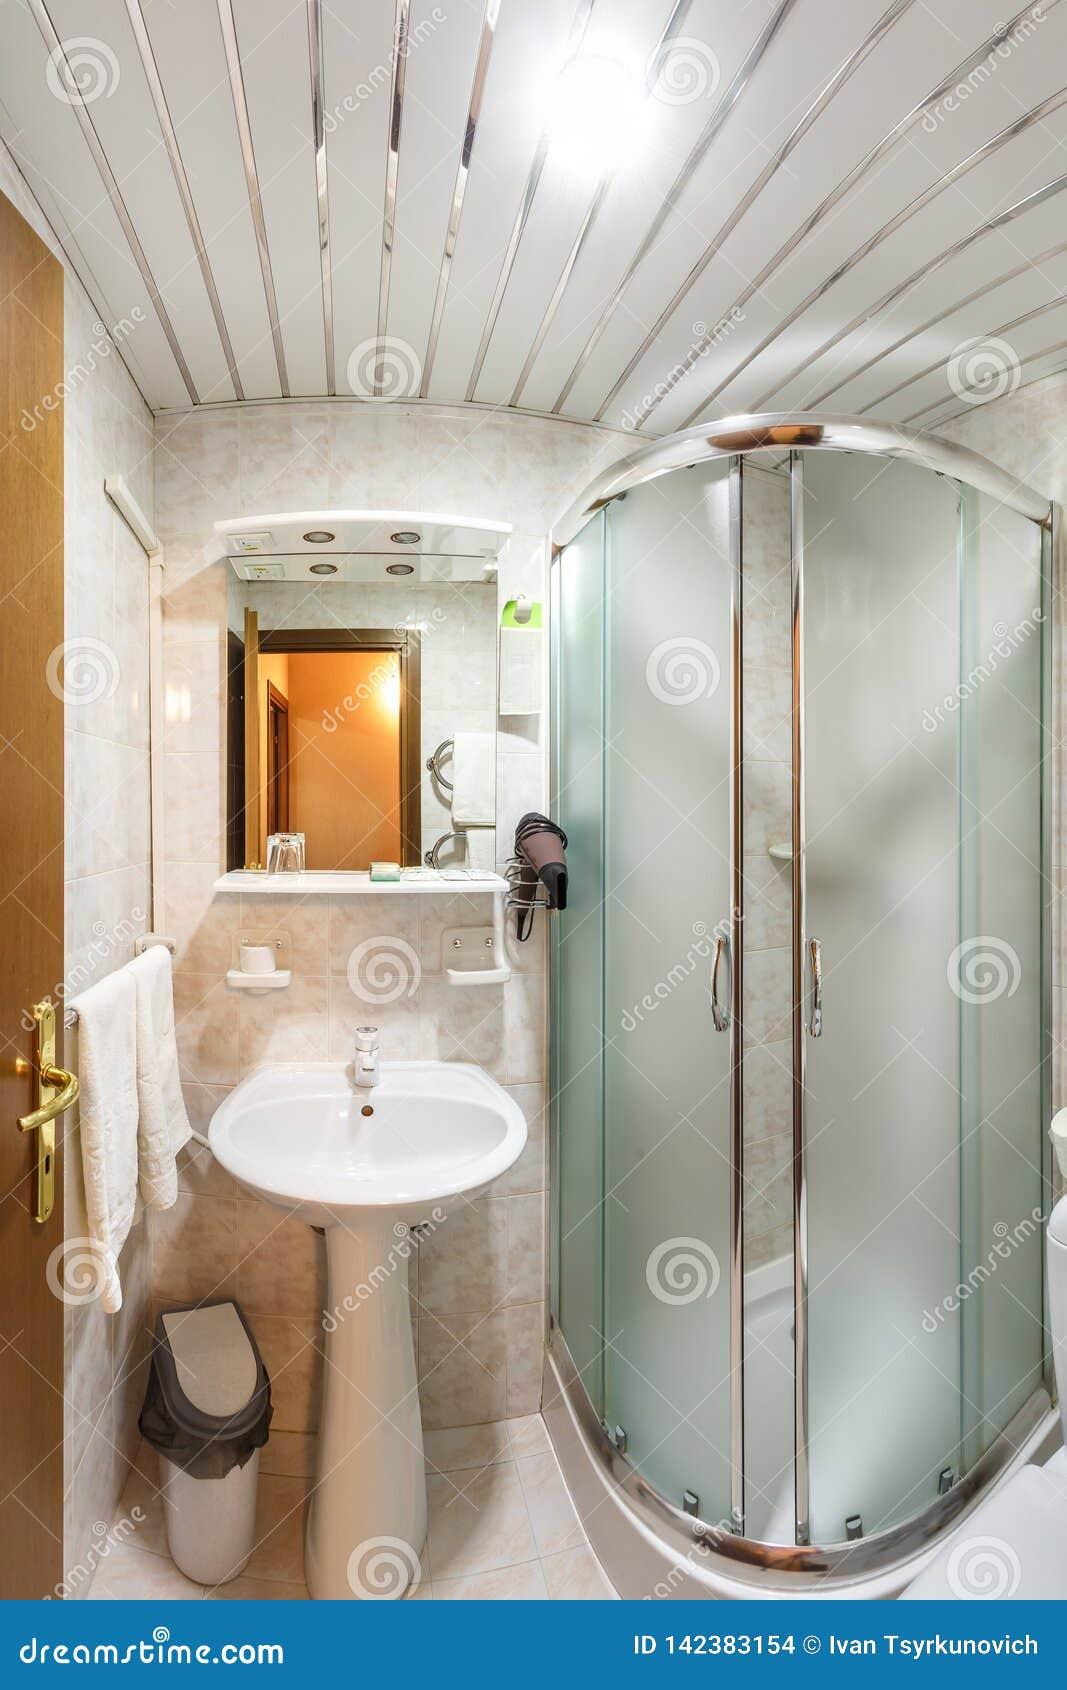 Toilette et détail d une cabine faisante le coin de douche avec la salle de bains de ½ de ¿ d ï de ½ de ¿ d ï d attachement de do